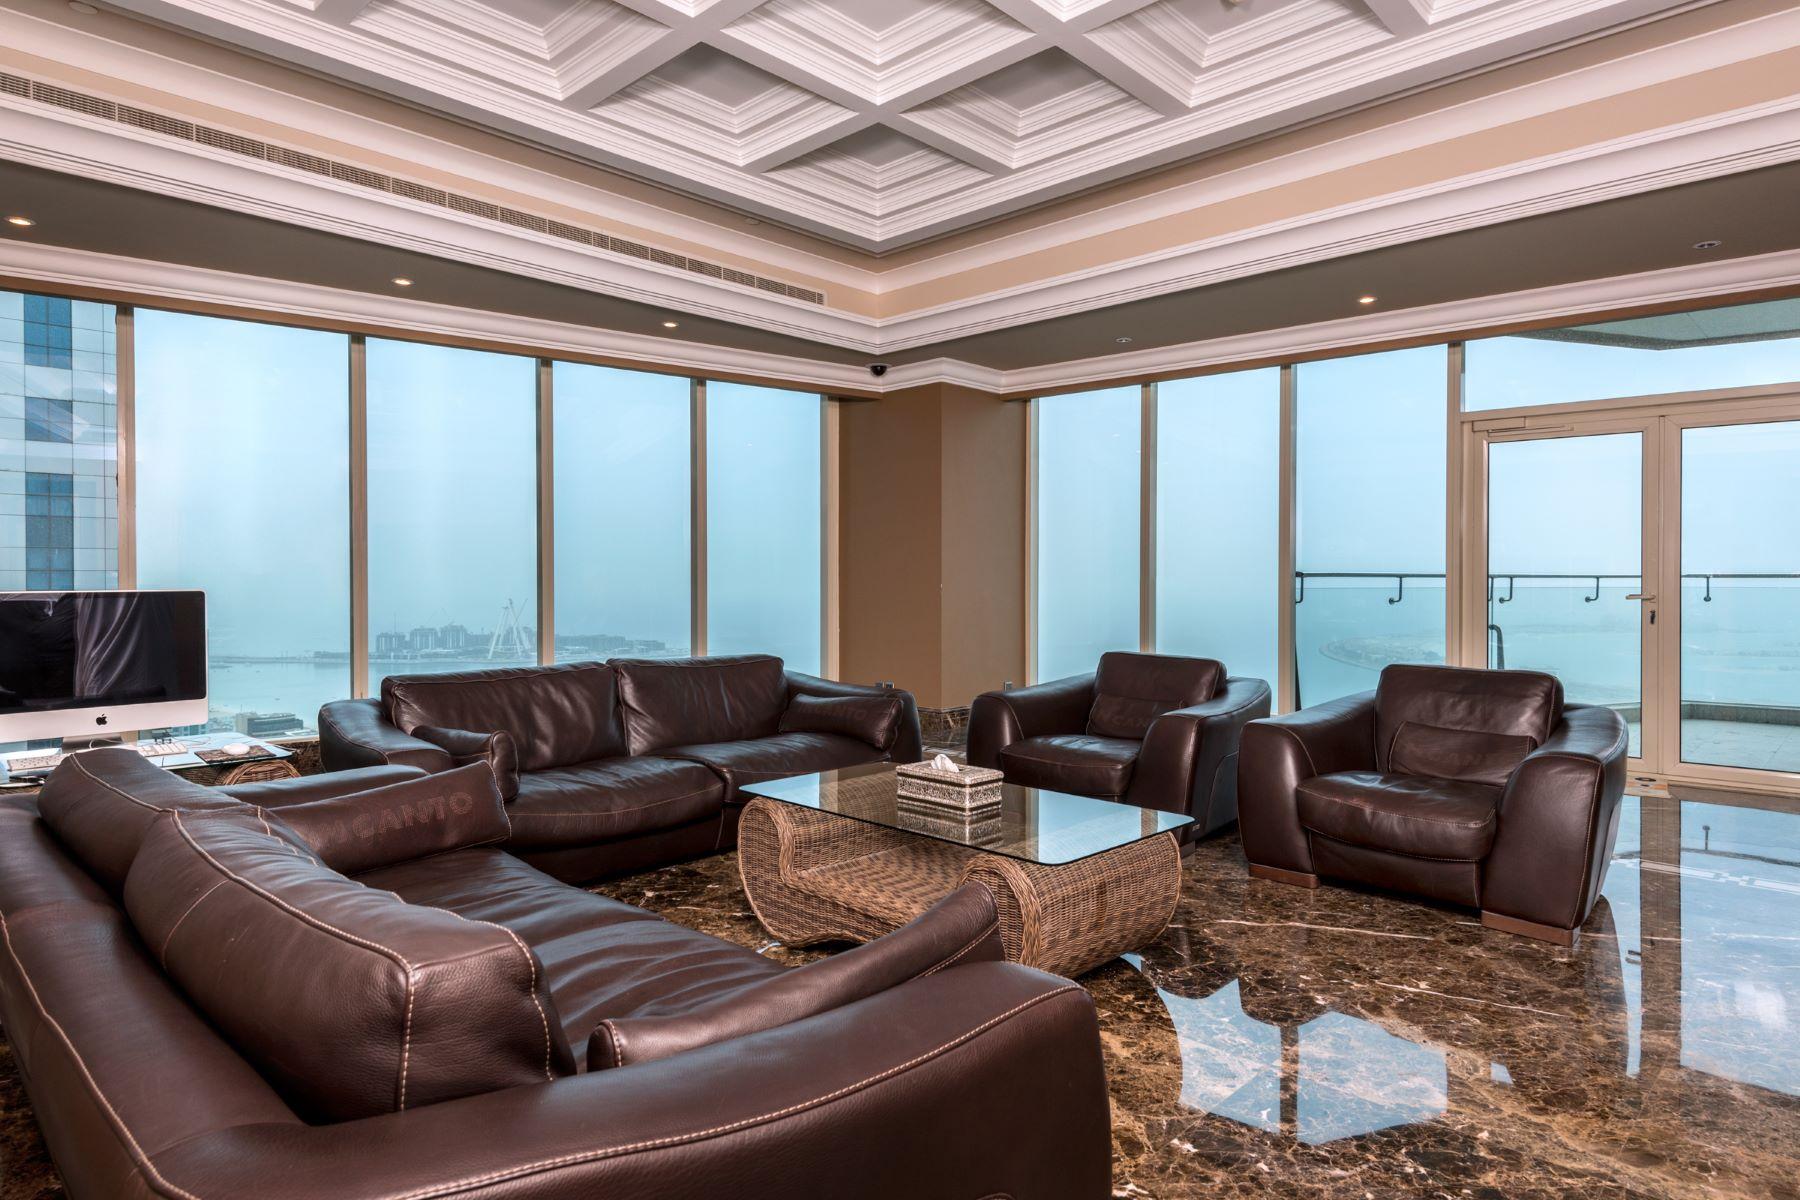 Căn hộ vì Bán tại Full Floor Penthouse Dubai, Các Tiểu Vương Quốc Ả-Rập Thống Nhất